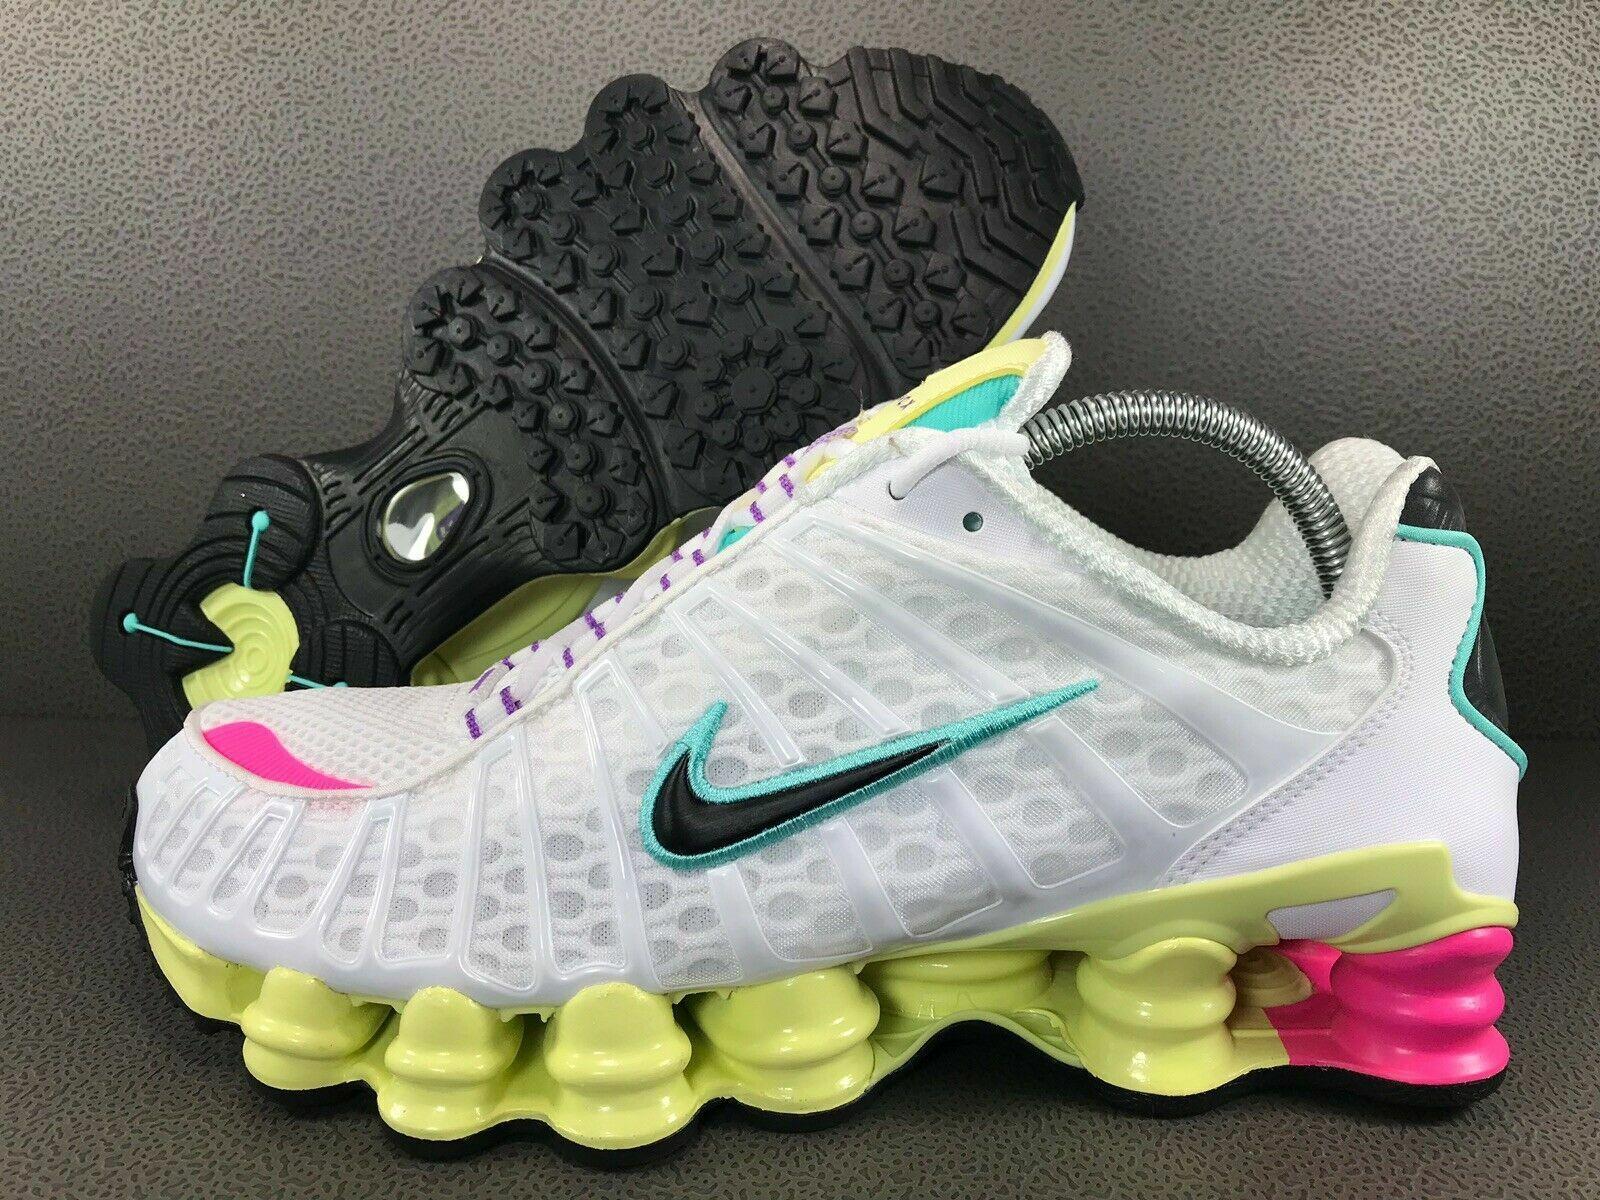 Détails sur Nike Shox TL Chaussures Course Blanc Rose Pastel Jaune (AR3566 102) Sz 6.5 US